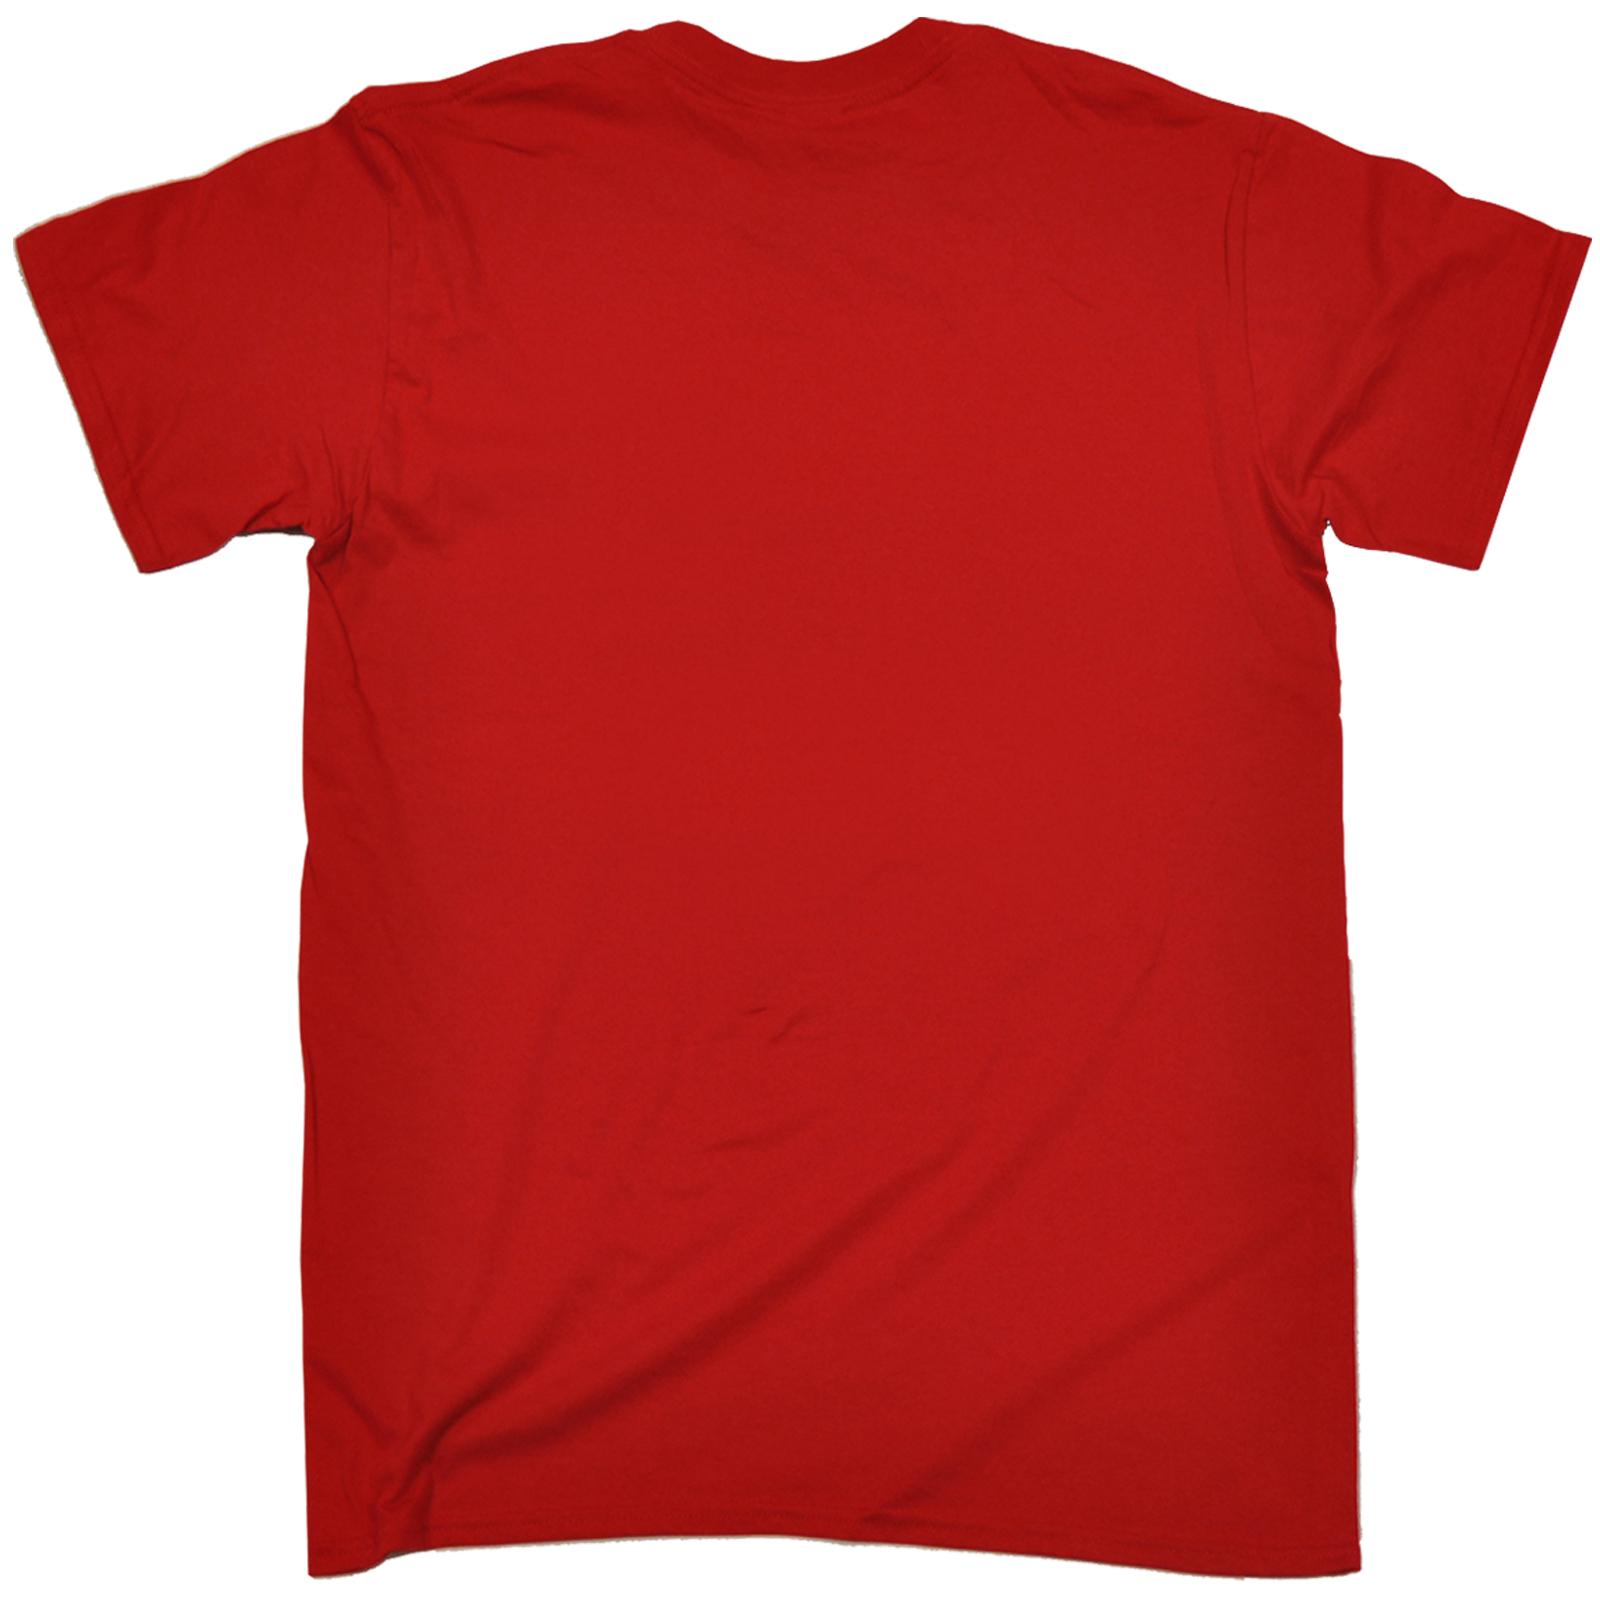 Funny-Novelty-T-Shirt-Mens-tee-TShirt-I-Dont-Give-A thumbnail 15